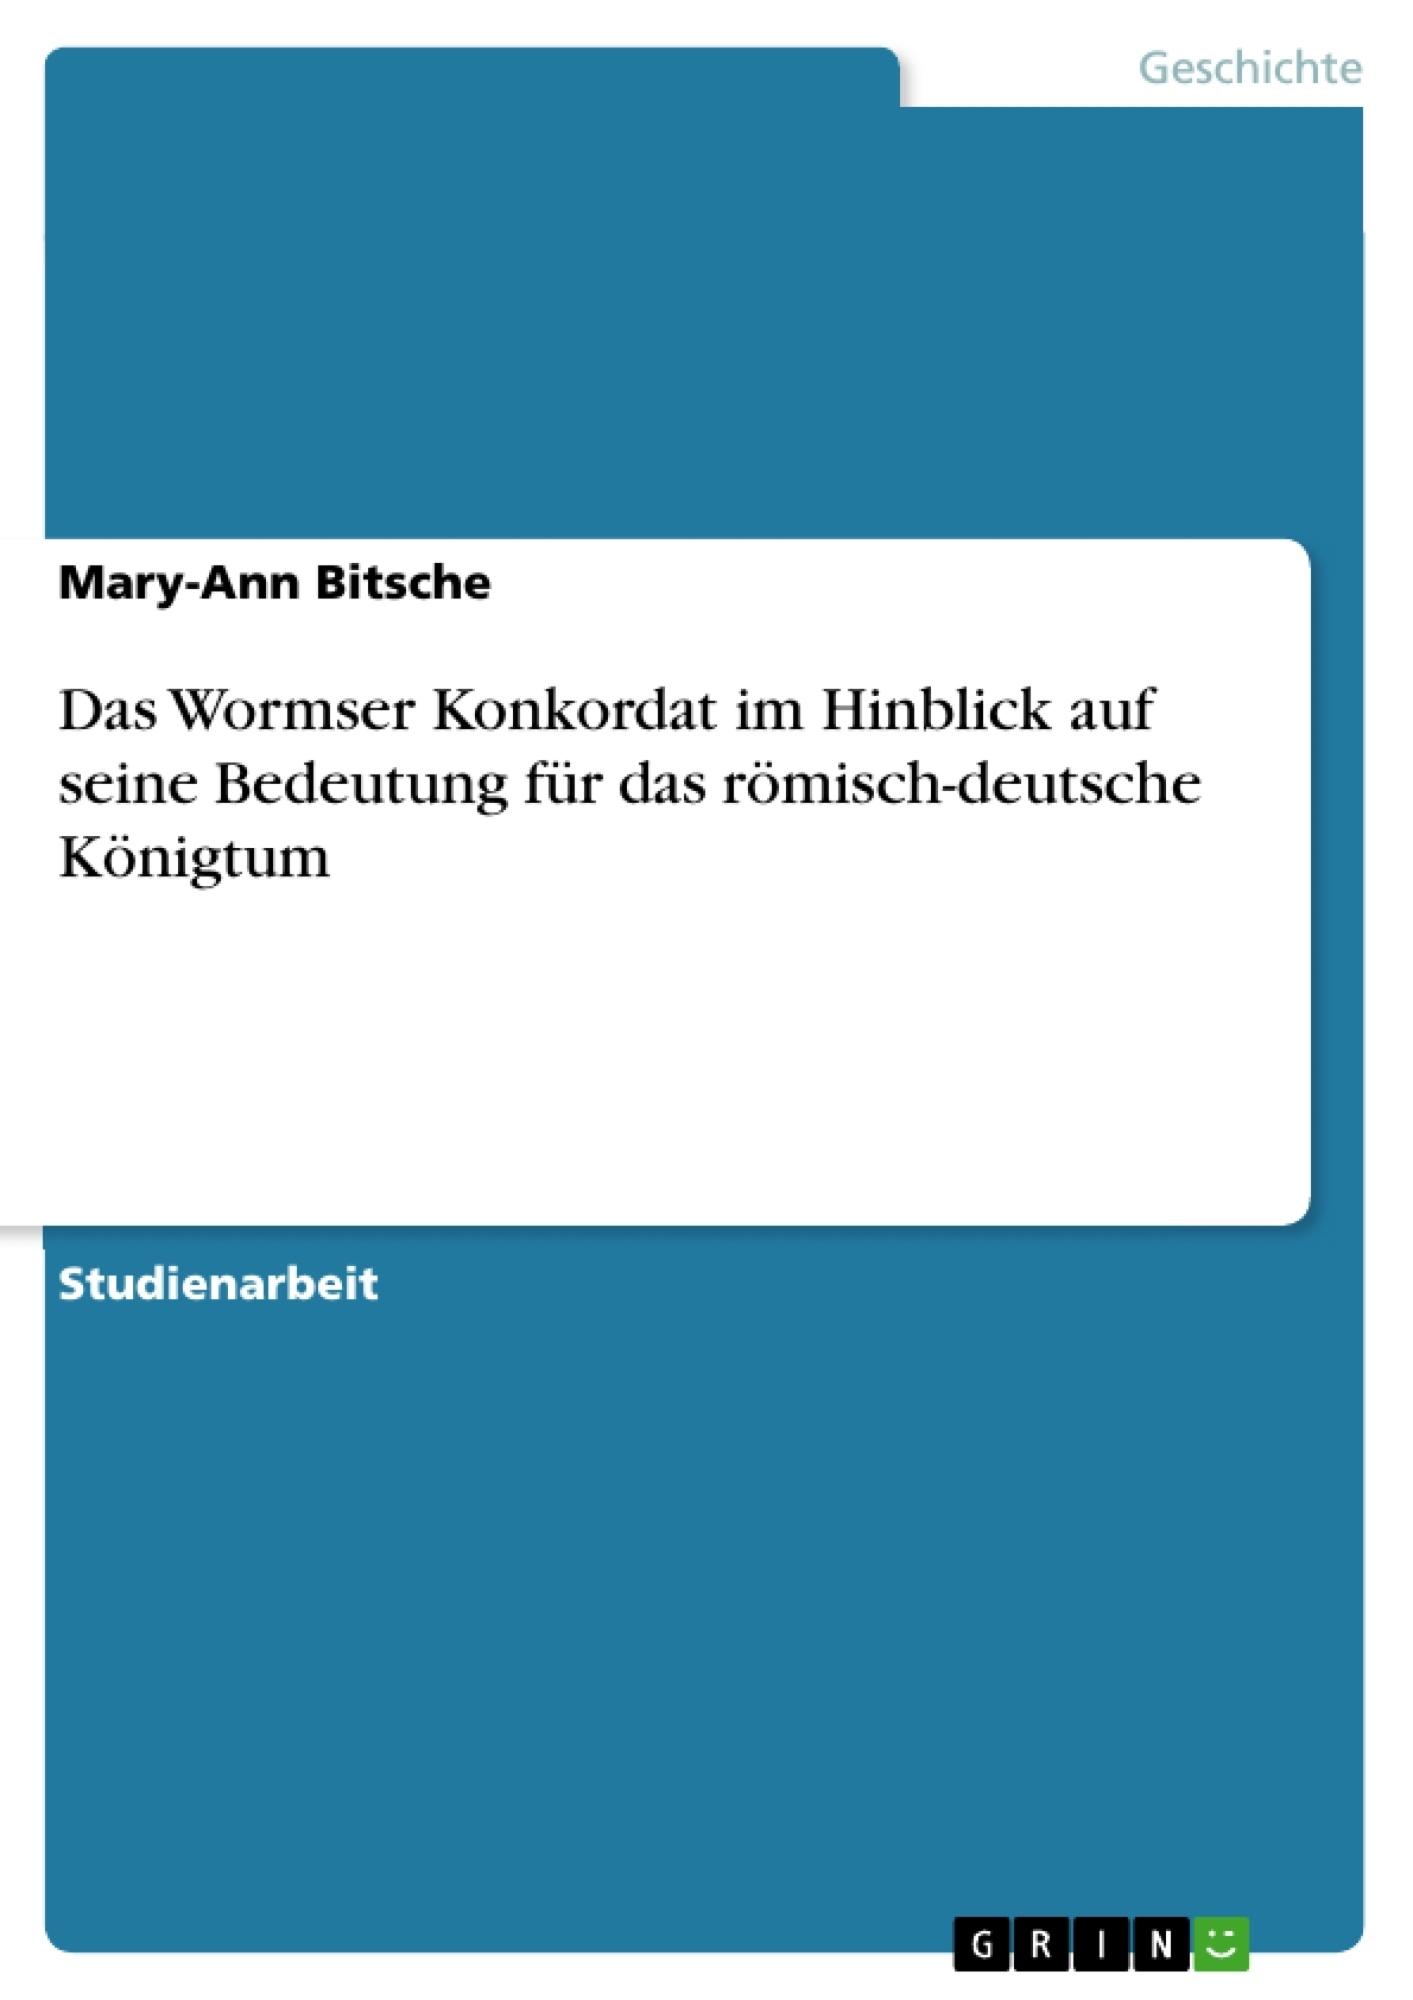 Titel: Das Wormser Konkordat im Hinblick auf seine Bedeutung für das römisch-deutsche Königtum